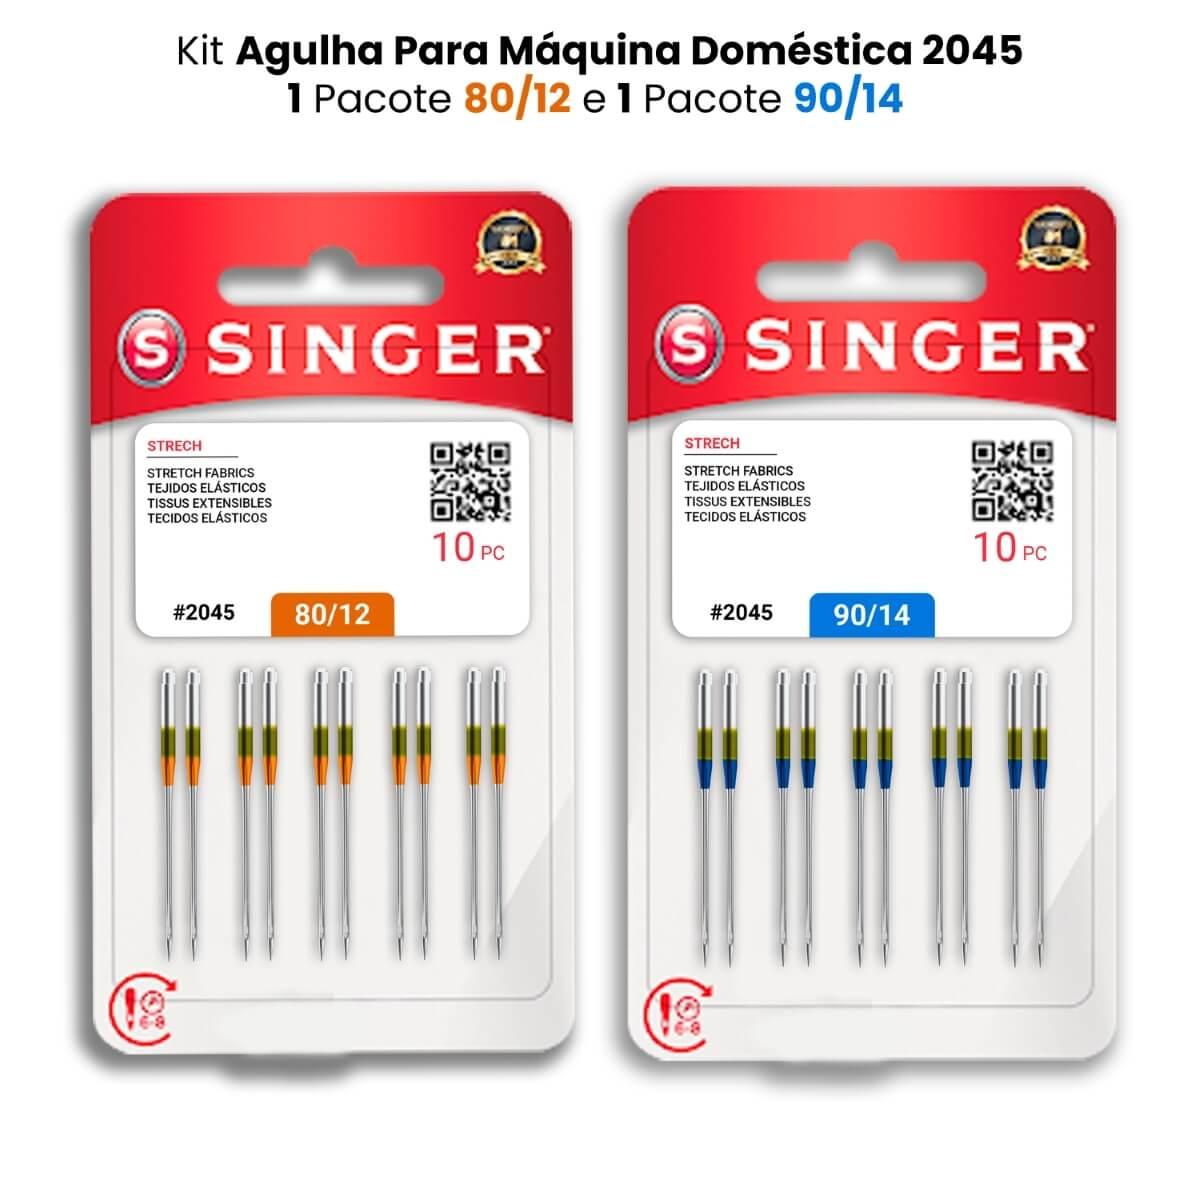 Agulha Singer Para Máquina de Costura Domestica 2045 130/705 Kit com 80/12 e 90/14  - Pavvia Agulhas e Peças